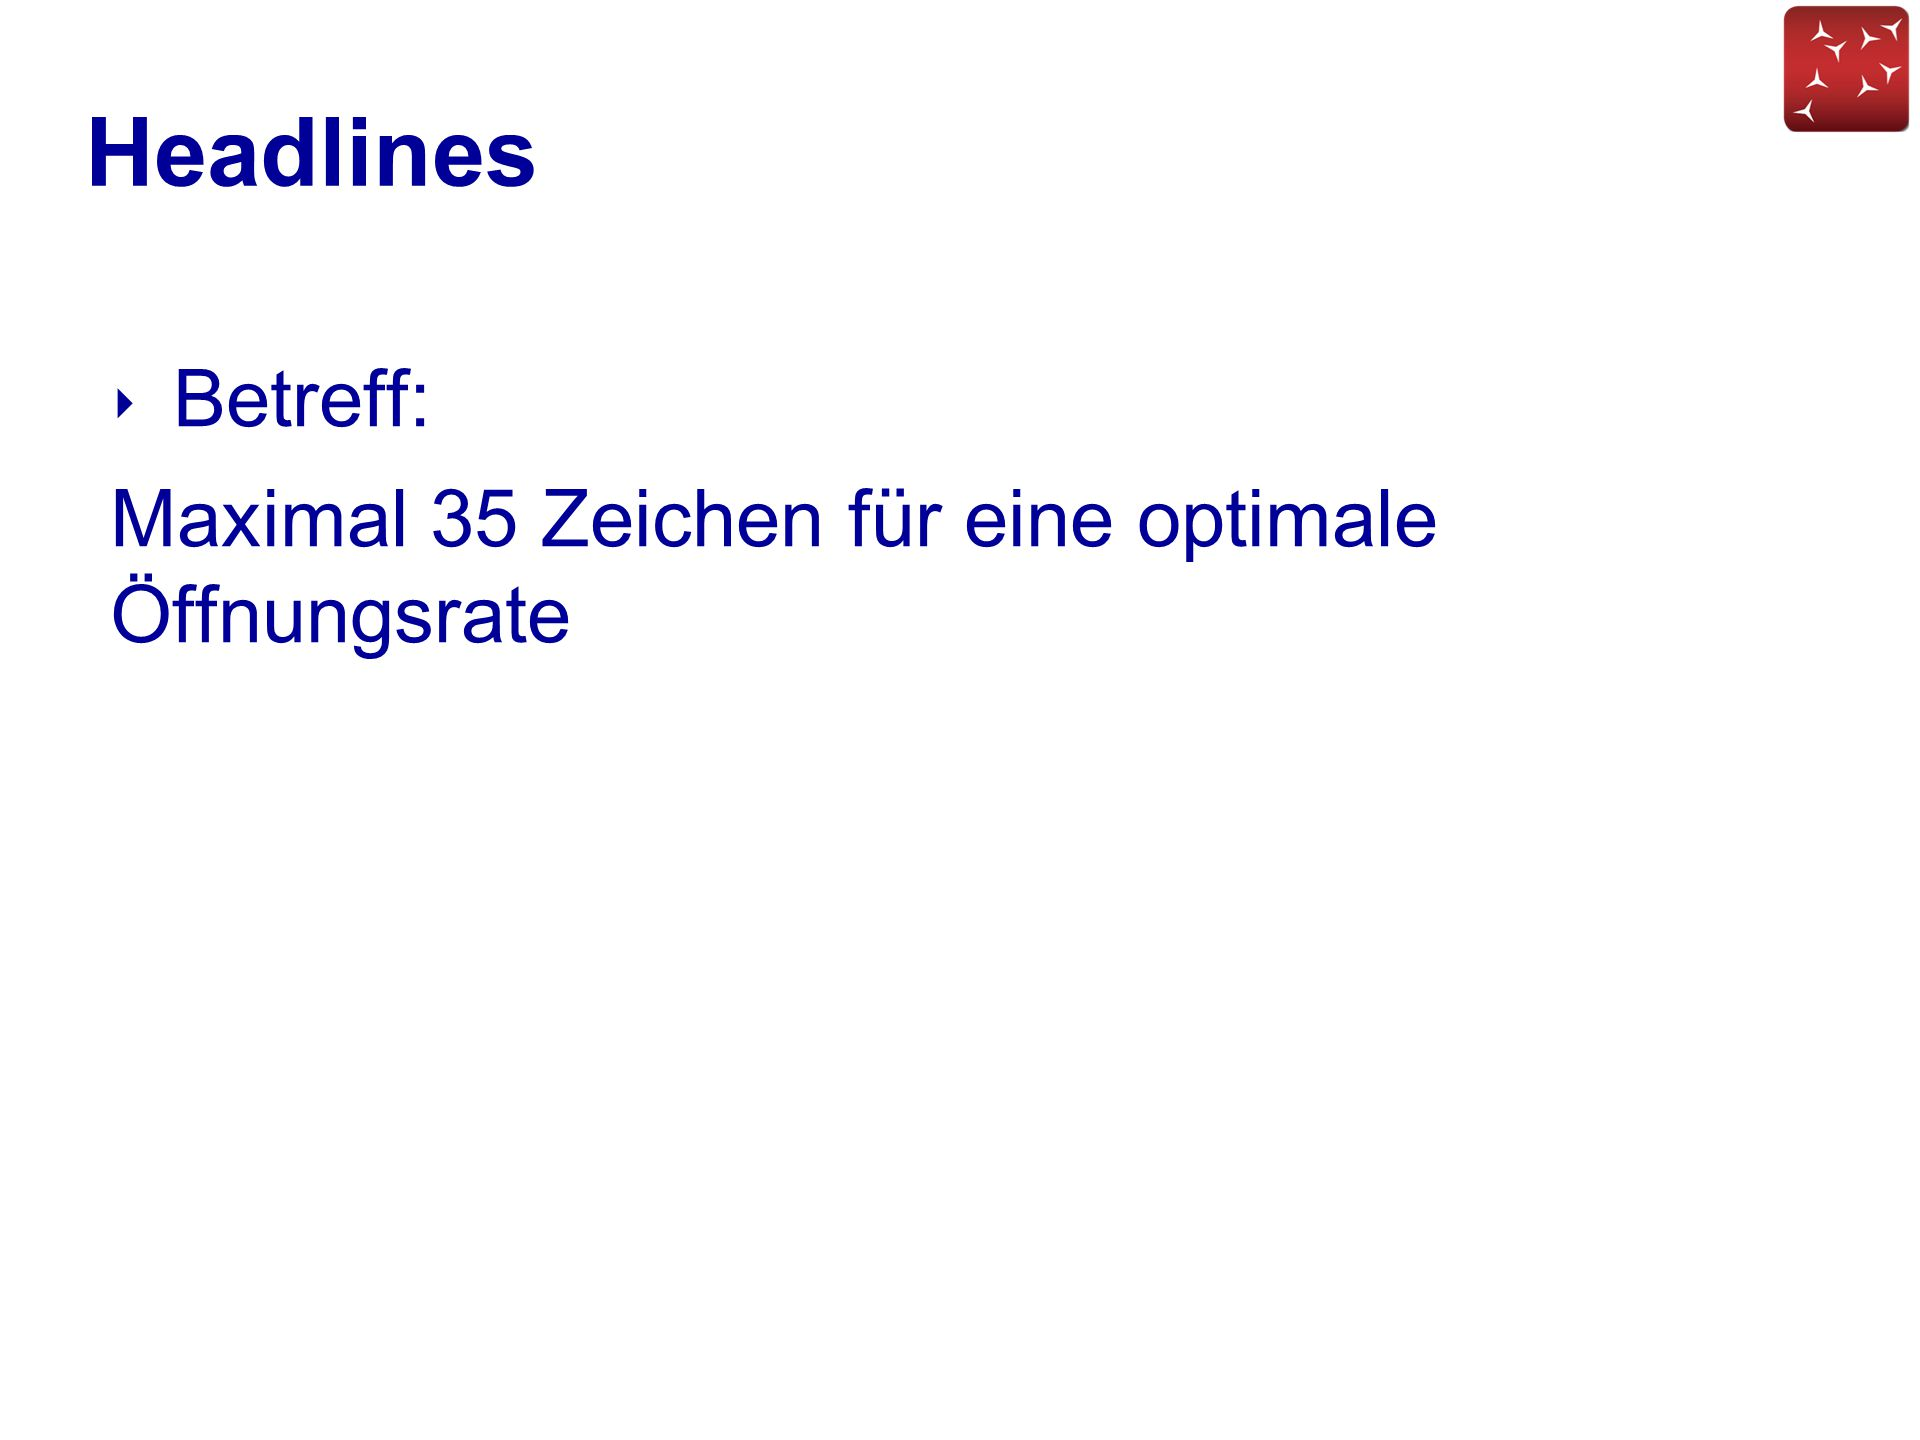 Headlines Betreff: Maximal 35 Zeichen für eine optimale Öffnungsrate